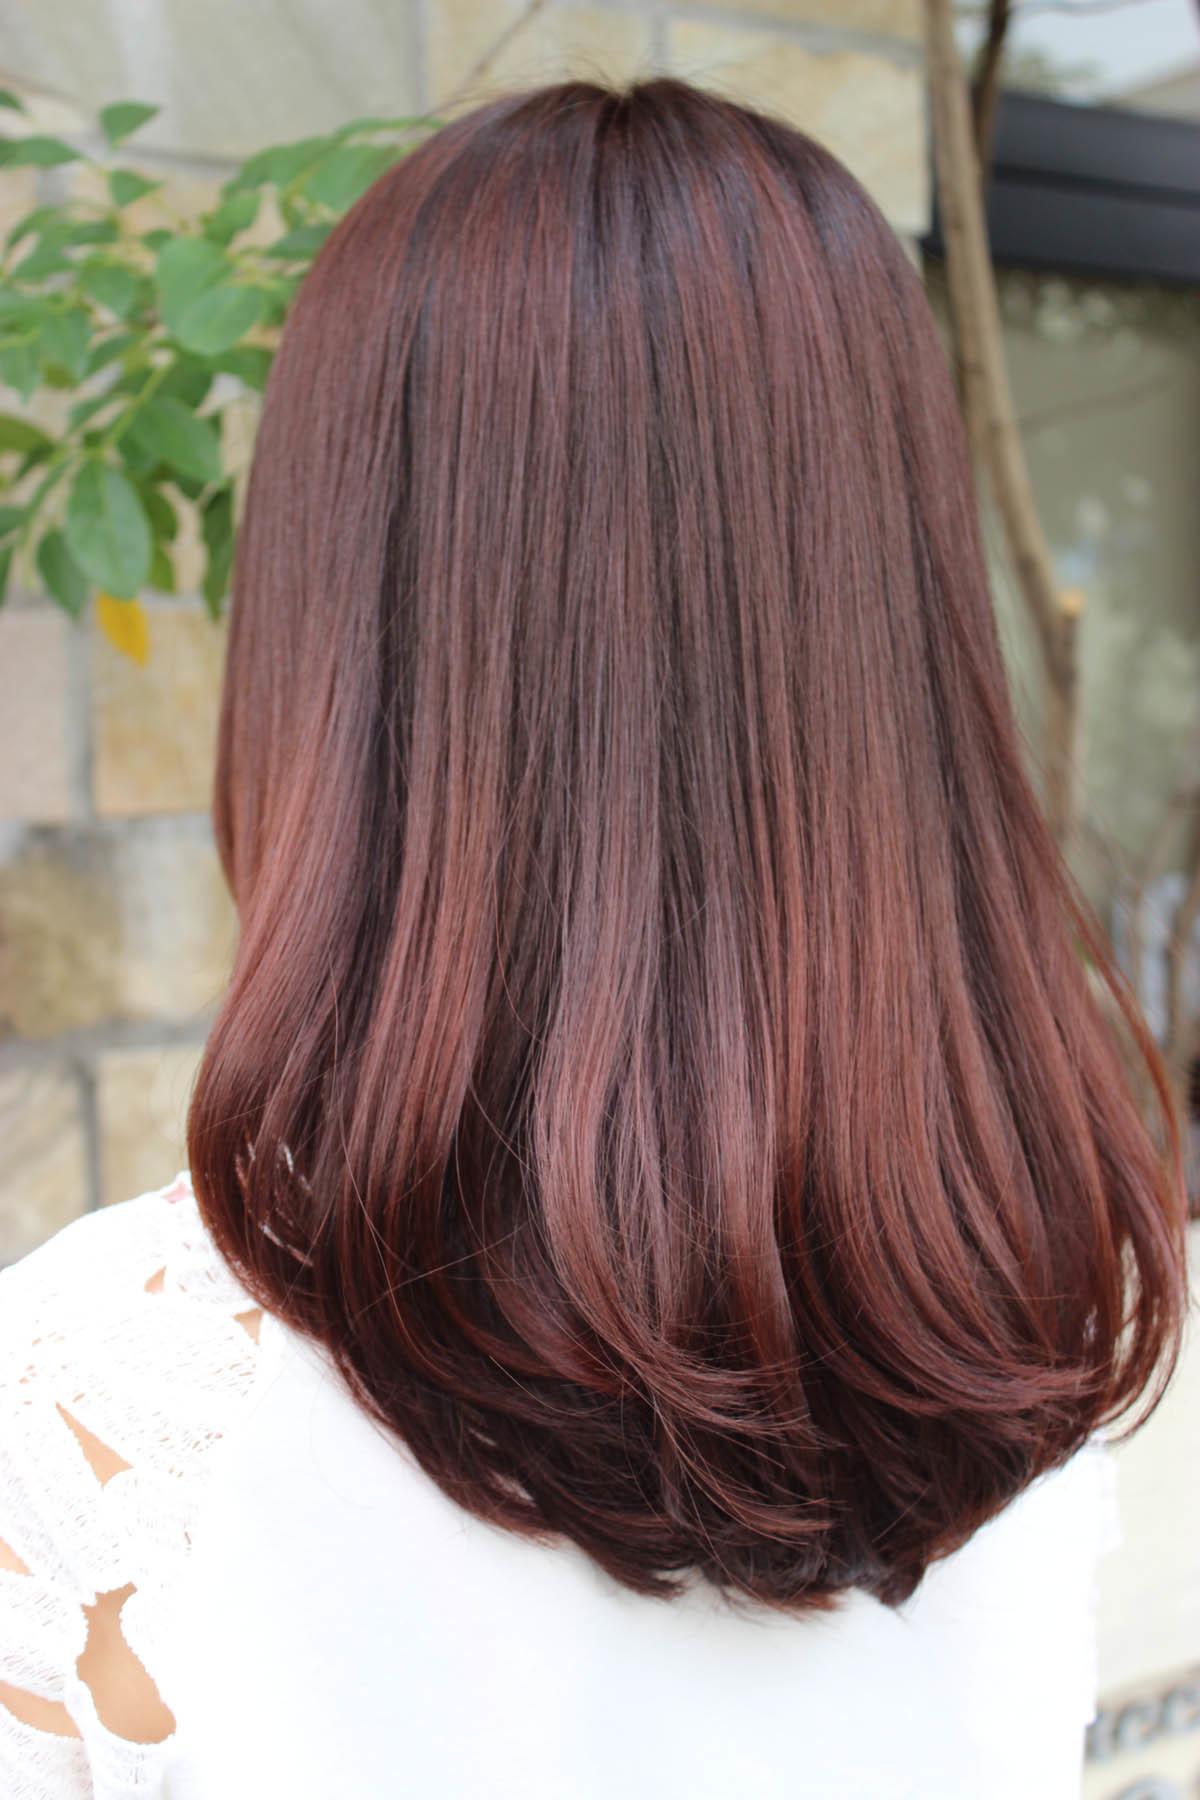 髪にお悩みの全ての女性を美髪へ導く◎髪の状態や年齢、季節に合わせて選べるオーダーメイドヘアケア!